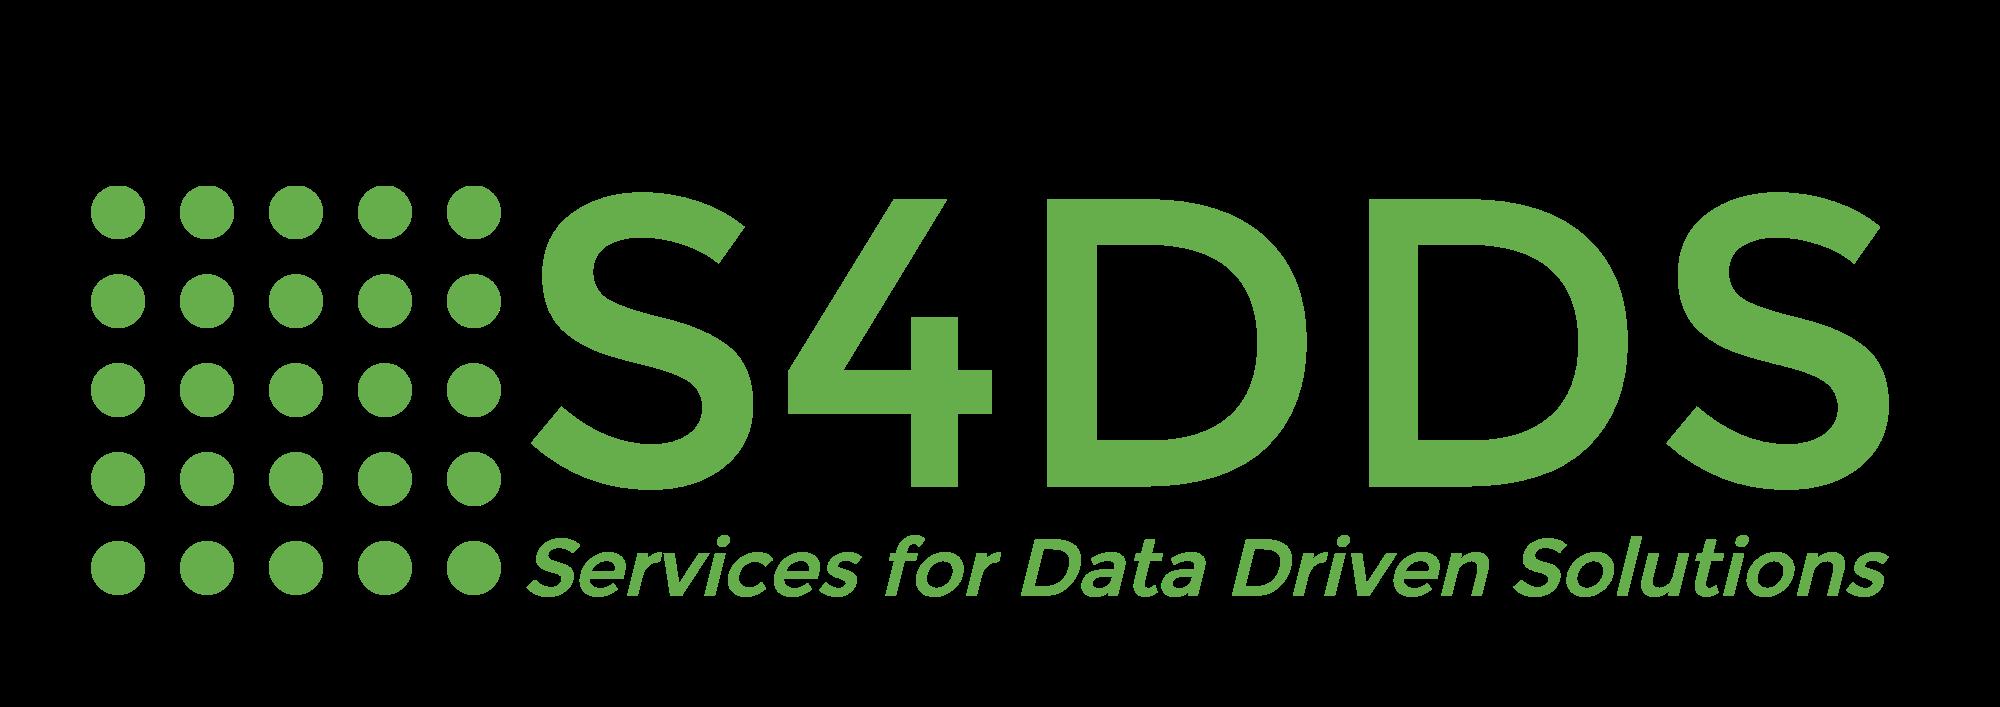 S4DDS-logo-green